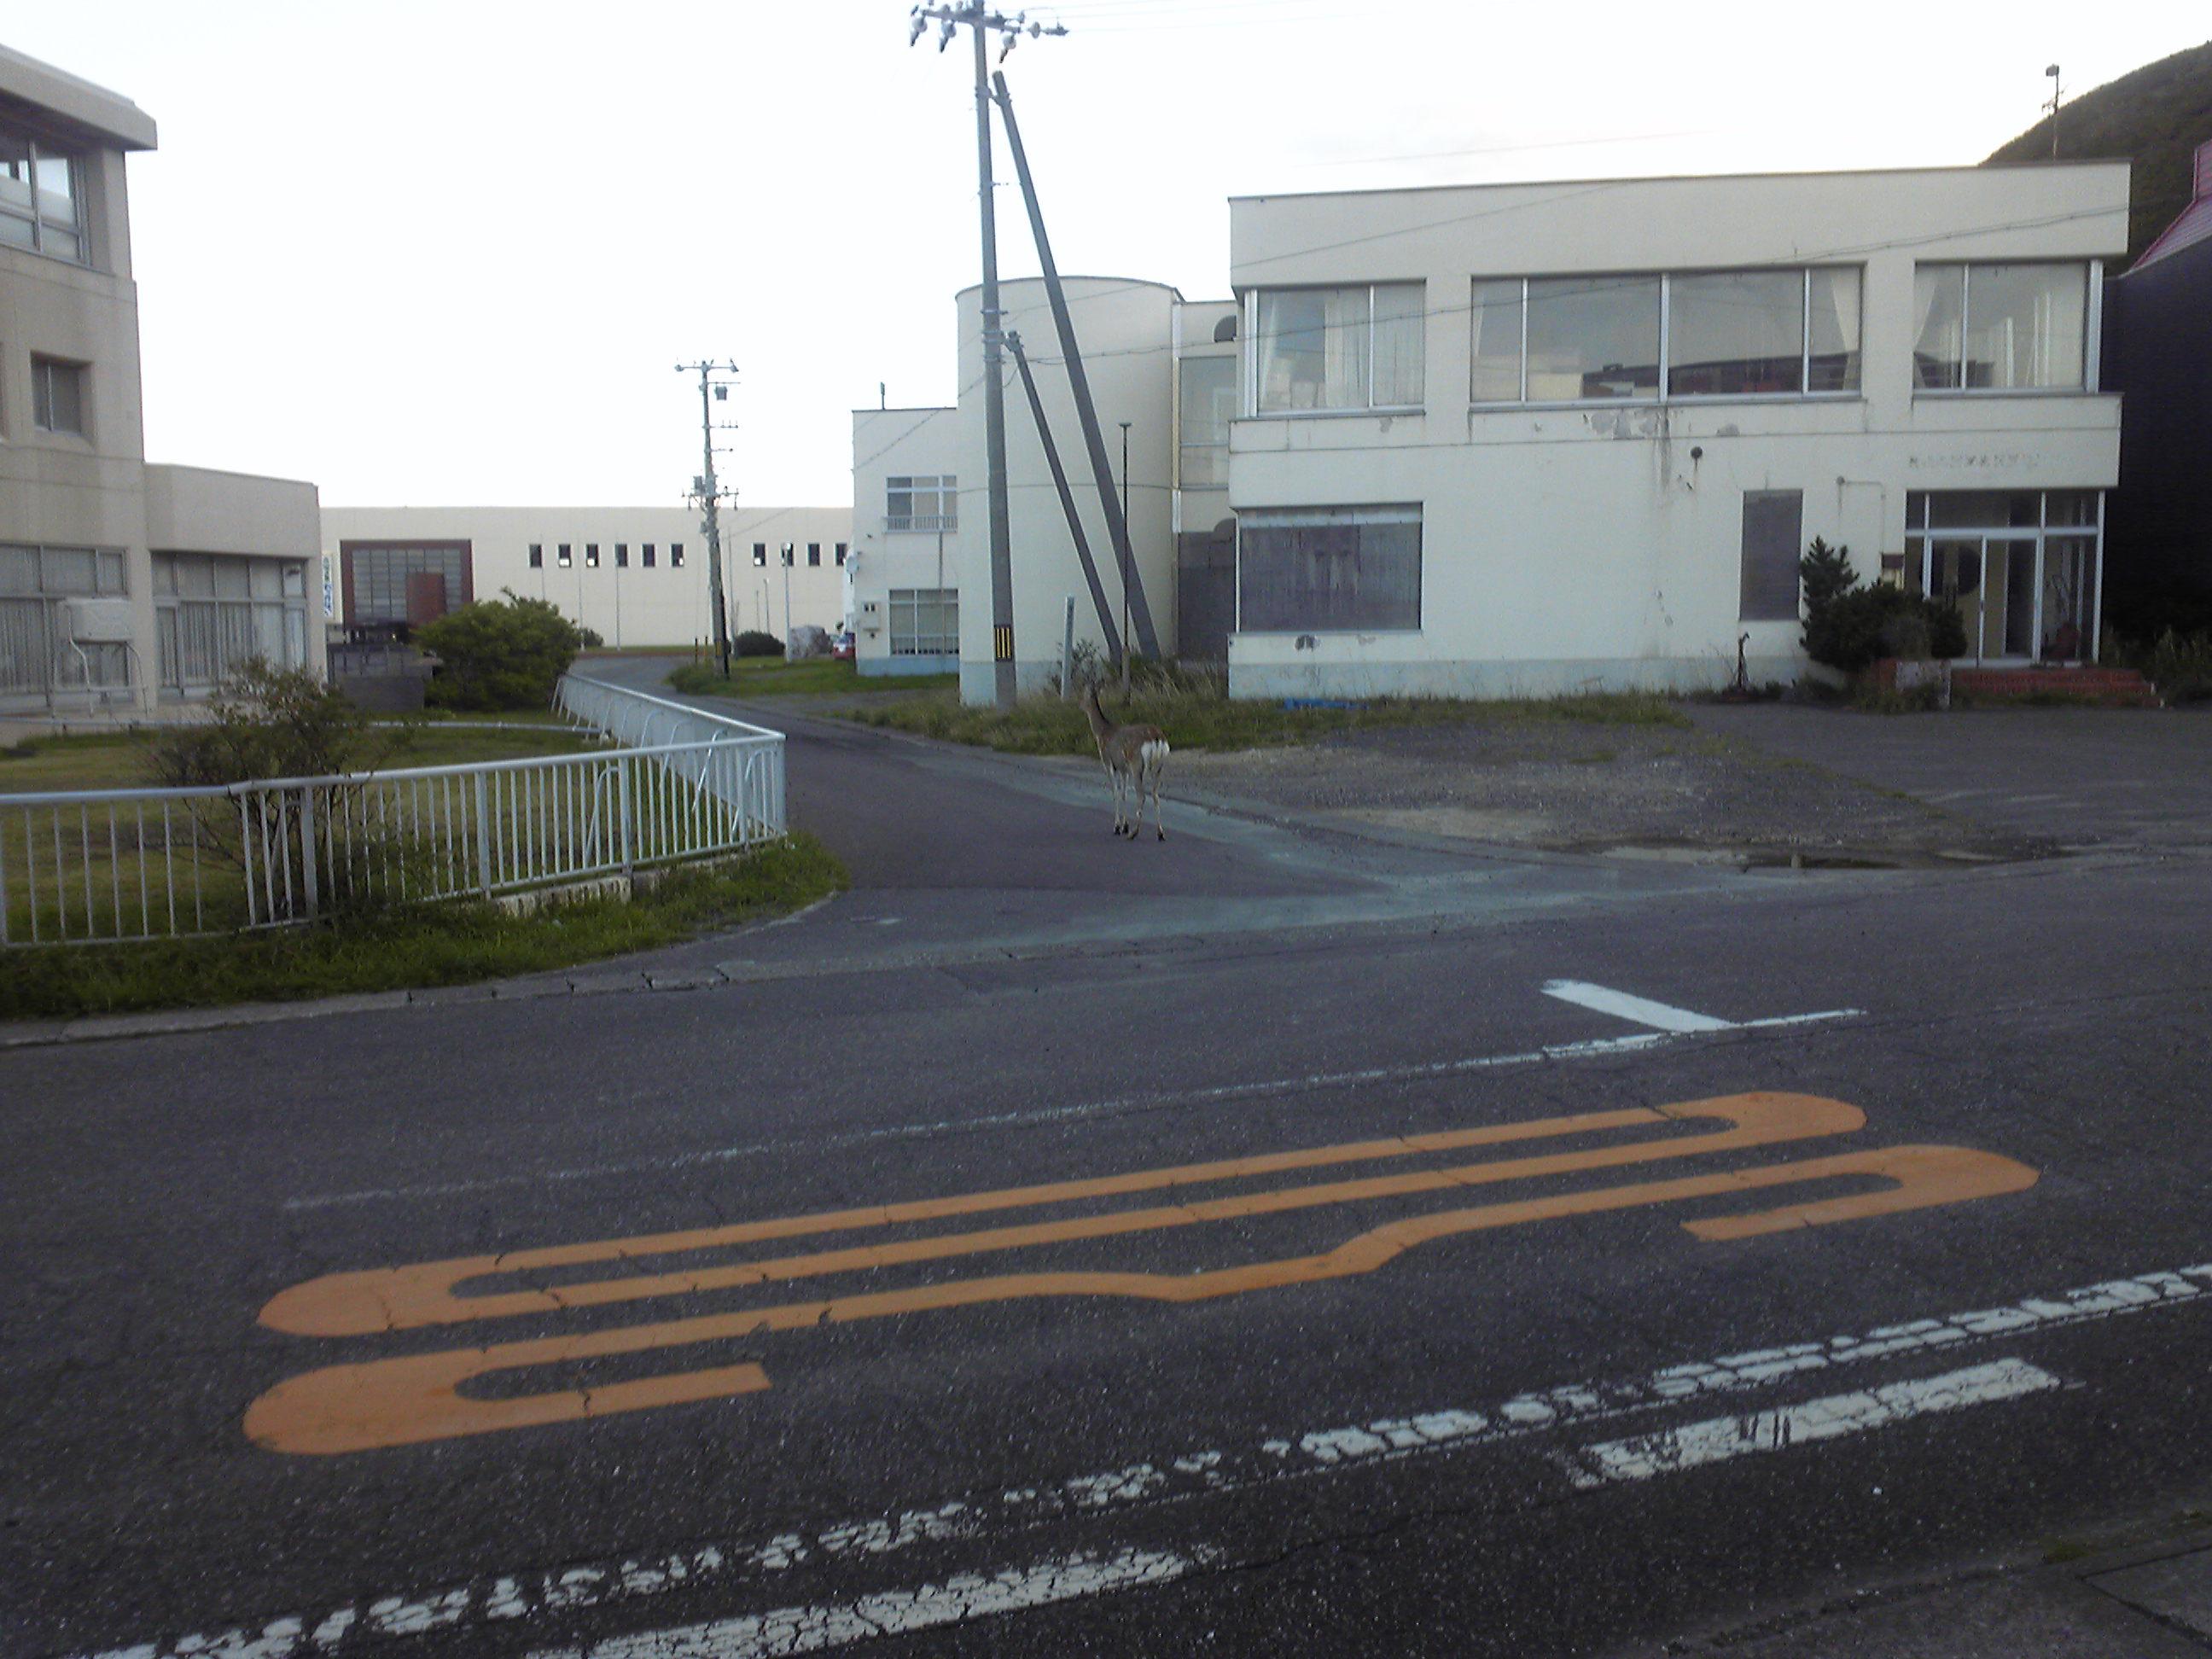 道路 長い 直線 日本 一